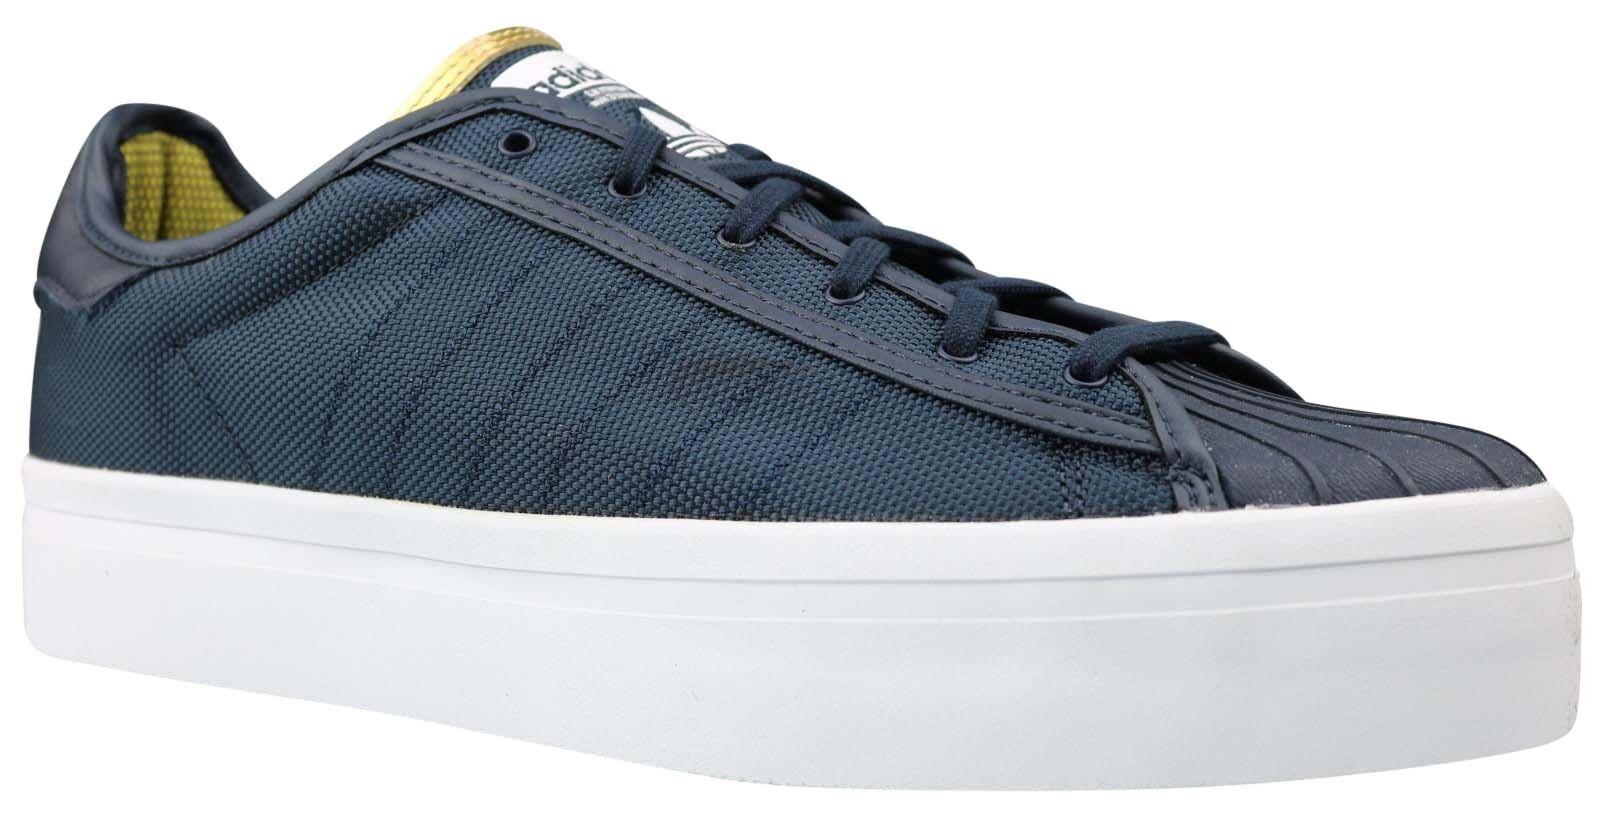 Adidas Superstar rize Legend cortos señora señora señora zapatos talla 40 40,5 42 s81620 nuevo embalaje original &  ahorre 60% de descuento